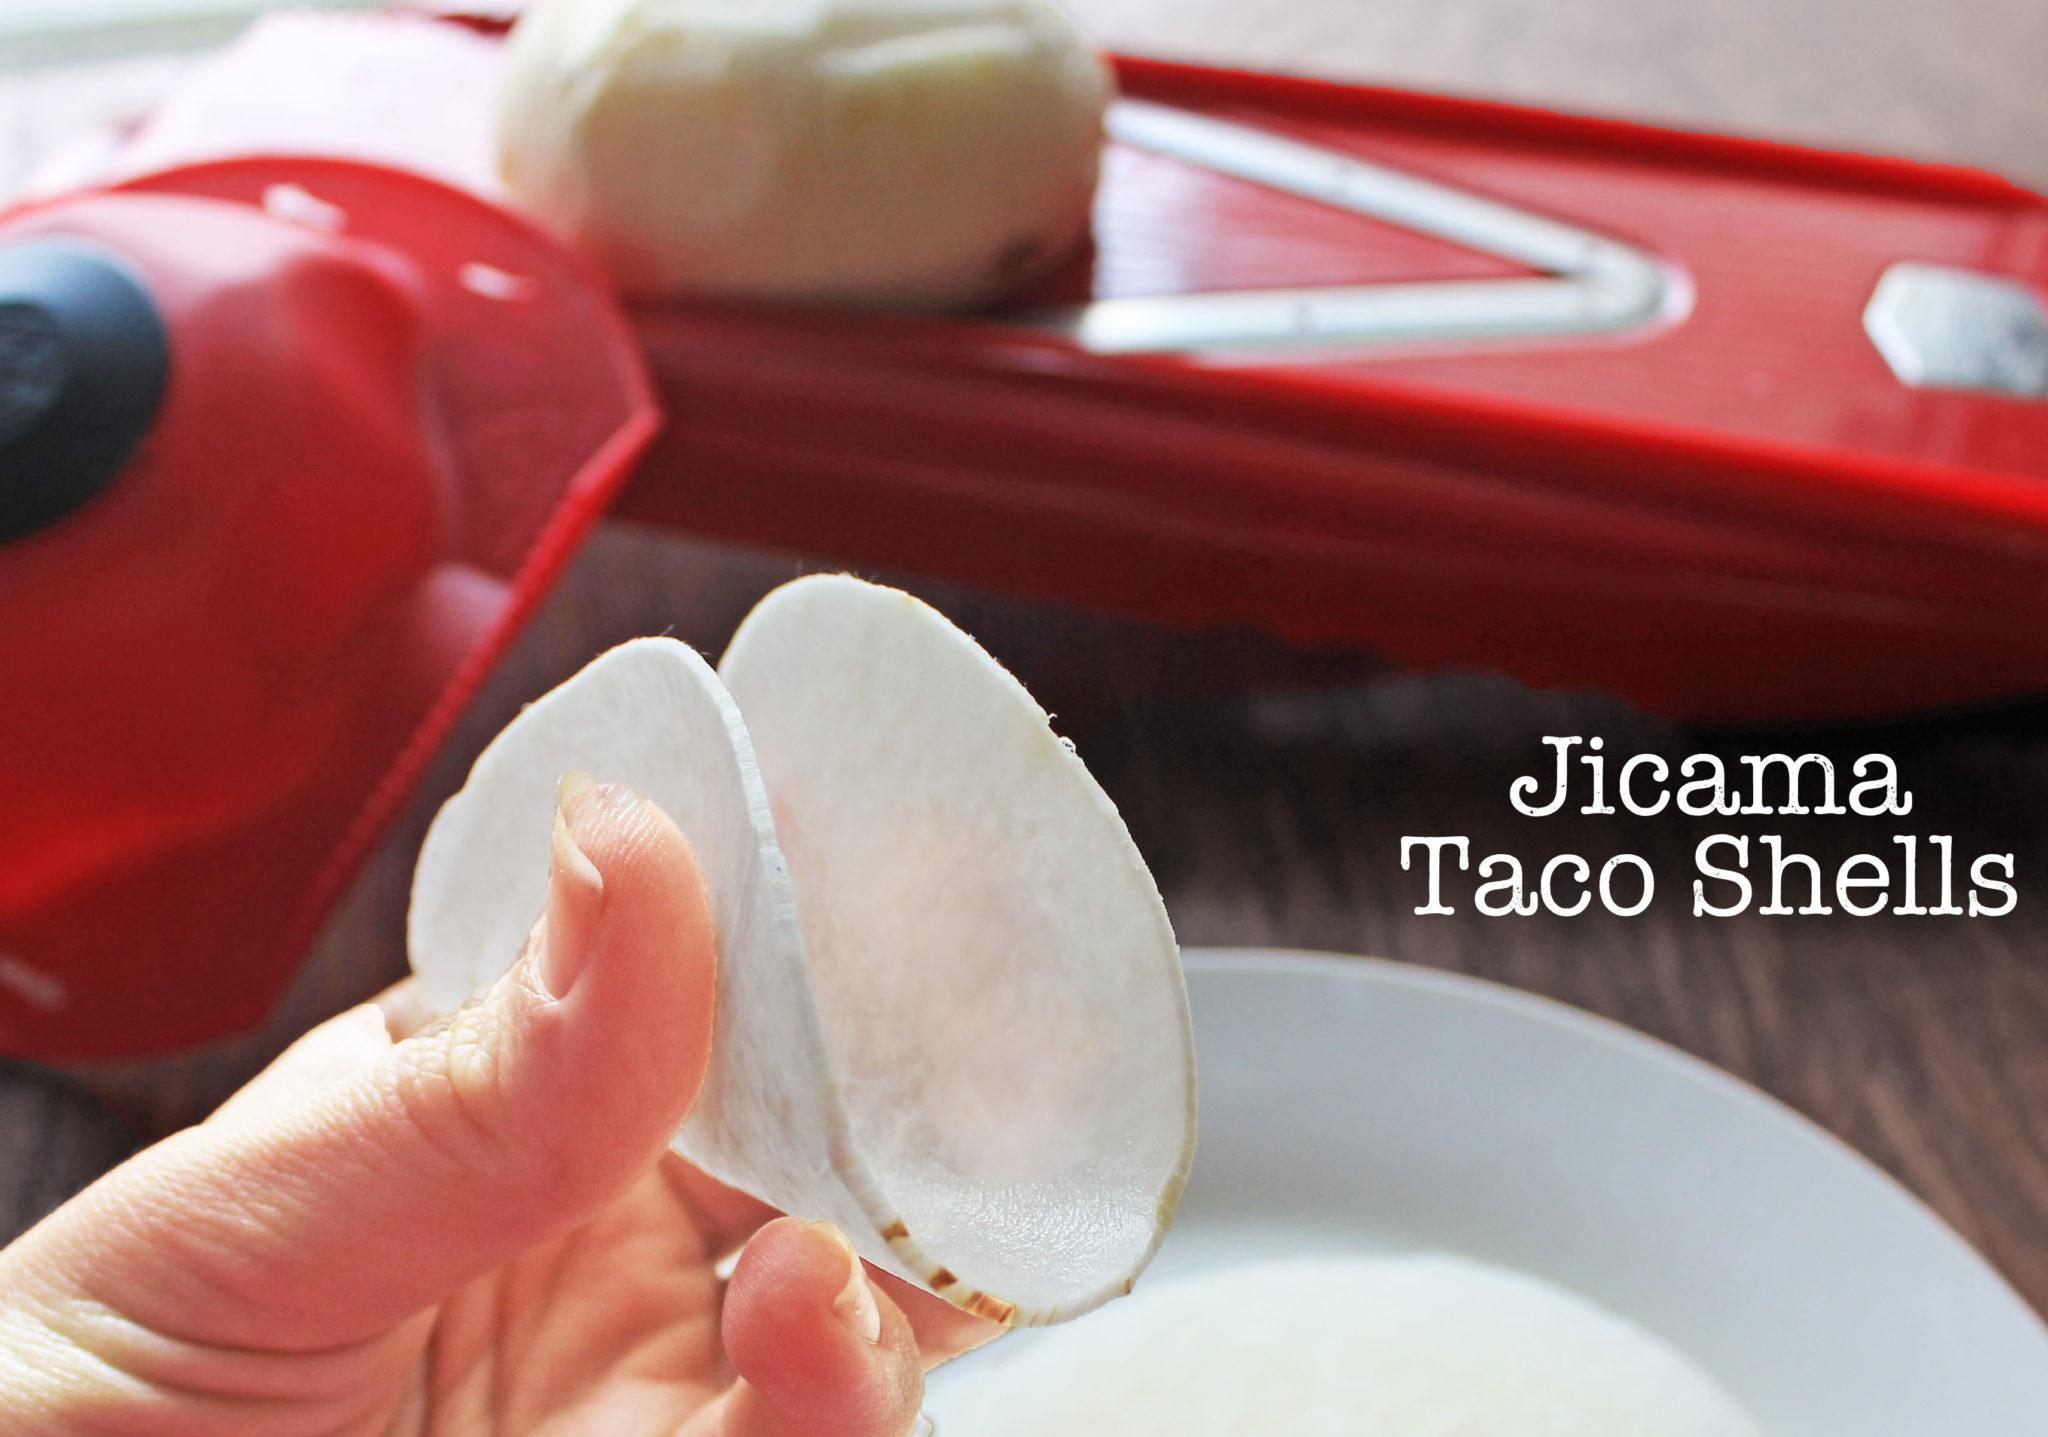 How To: Jicama Taco Shells